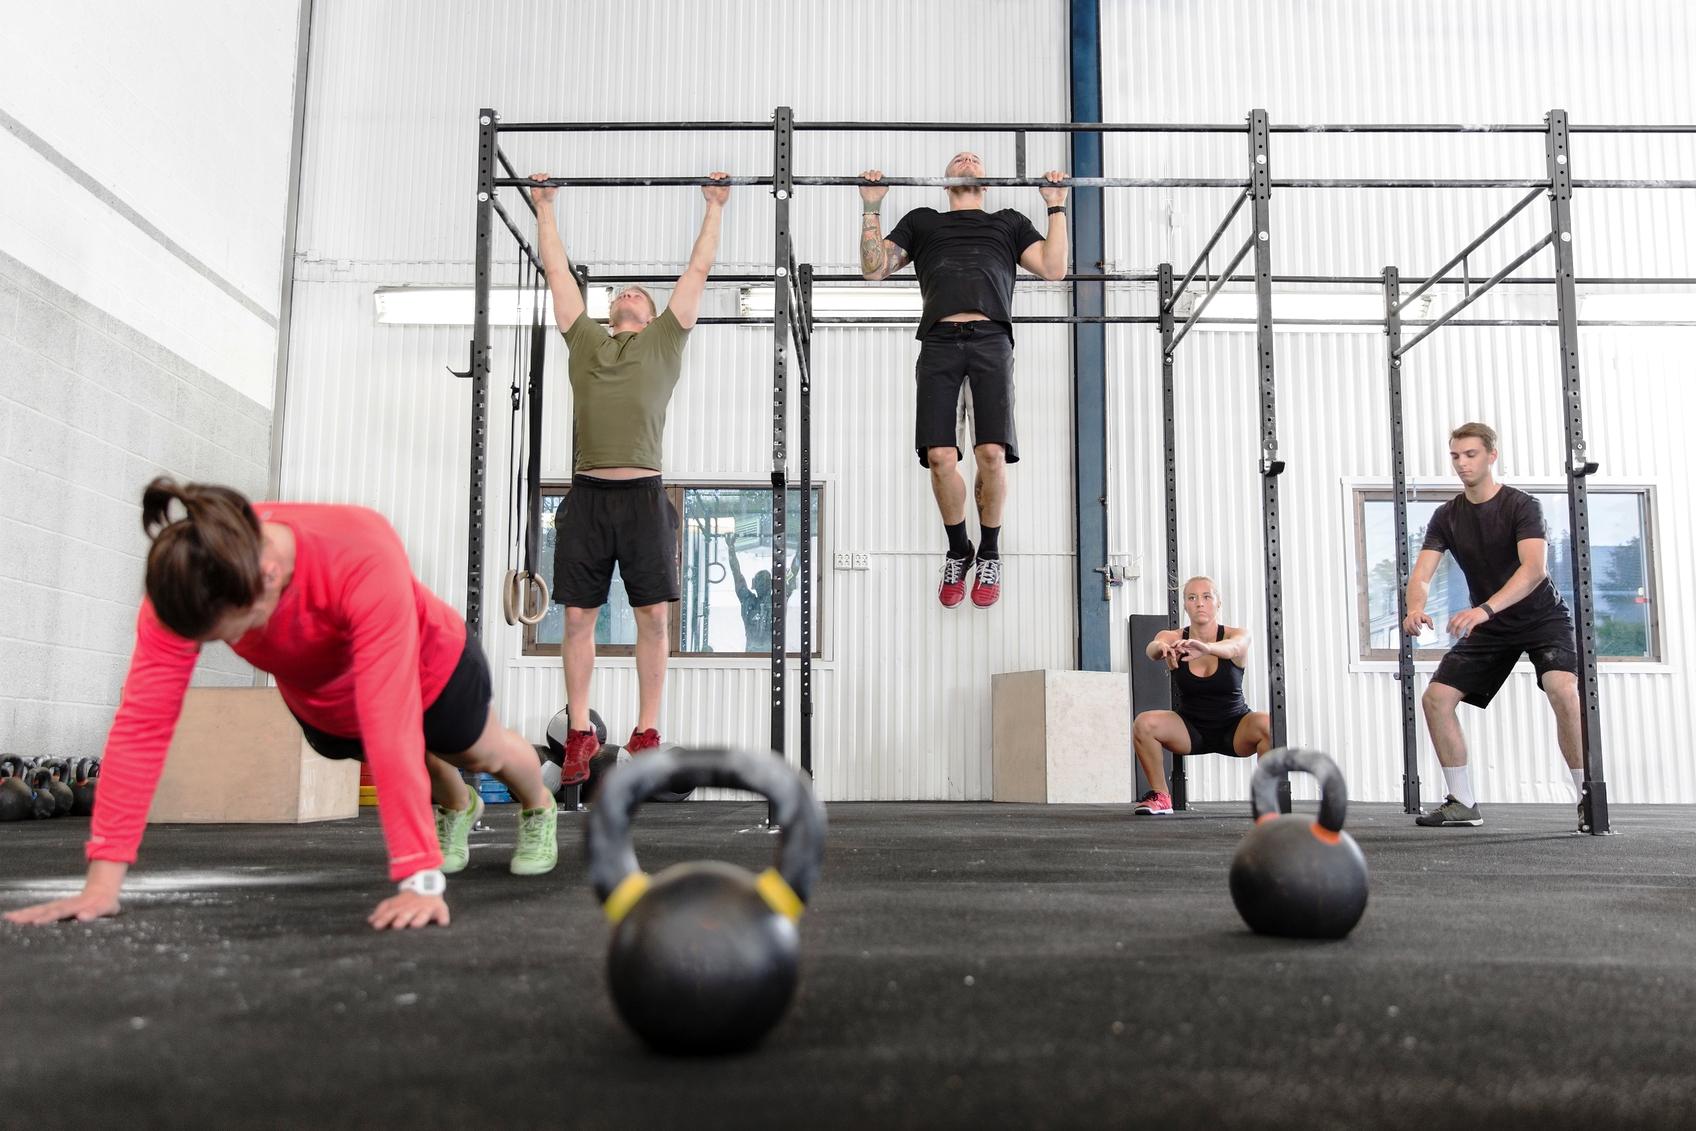 Кроссфит (crossfit) для новичков: с чего начать тренировки?